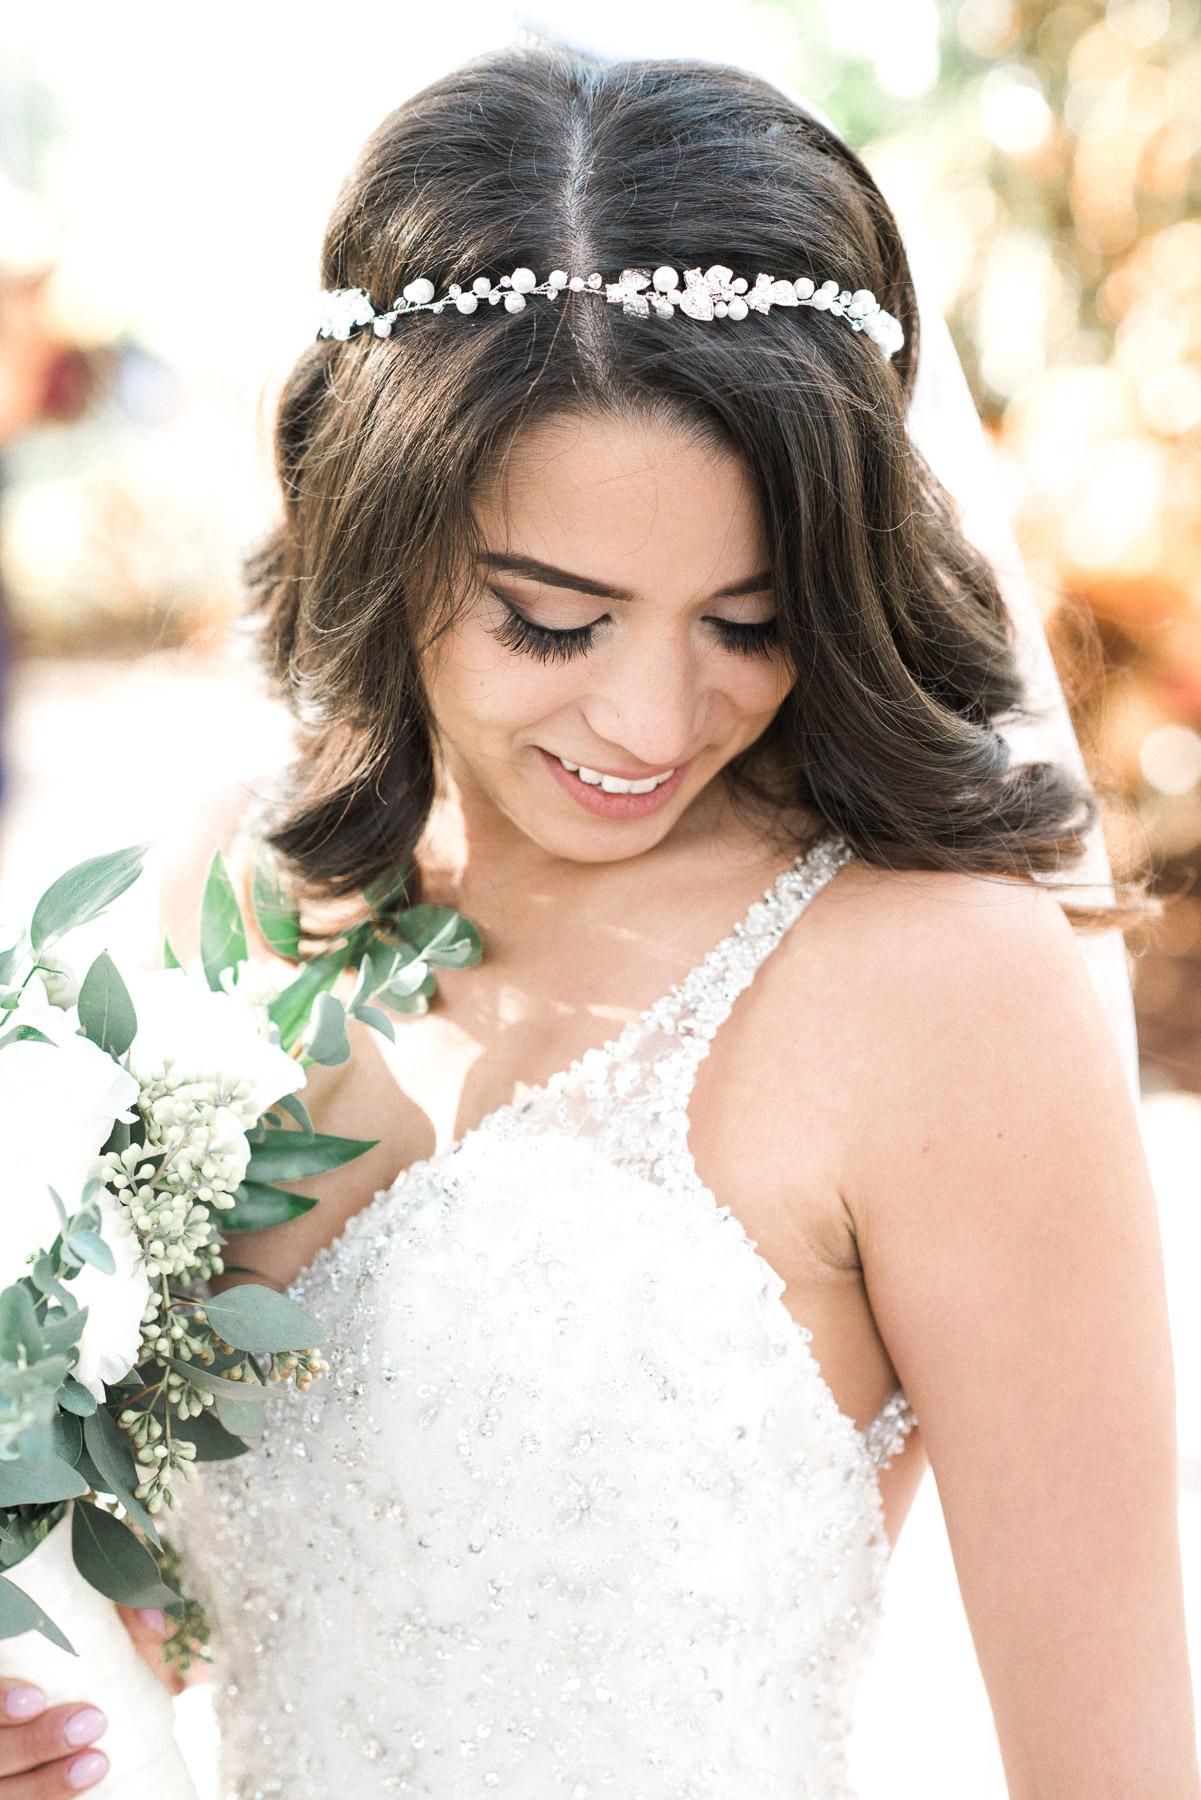 KateTaramykinStudios-Portfolio-Weddings-ParadiseCove-4.jpg